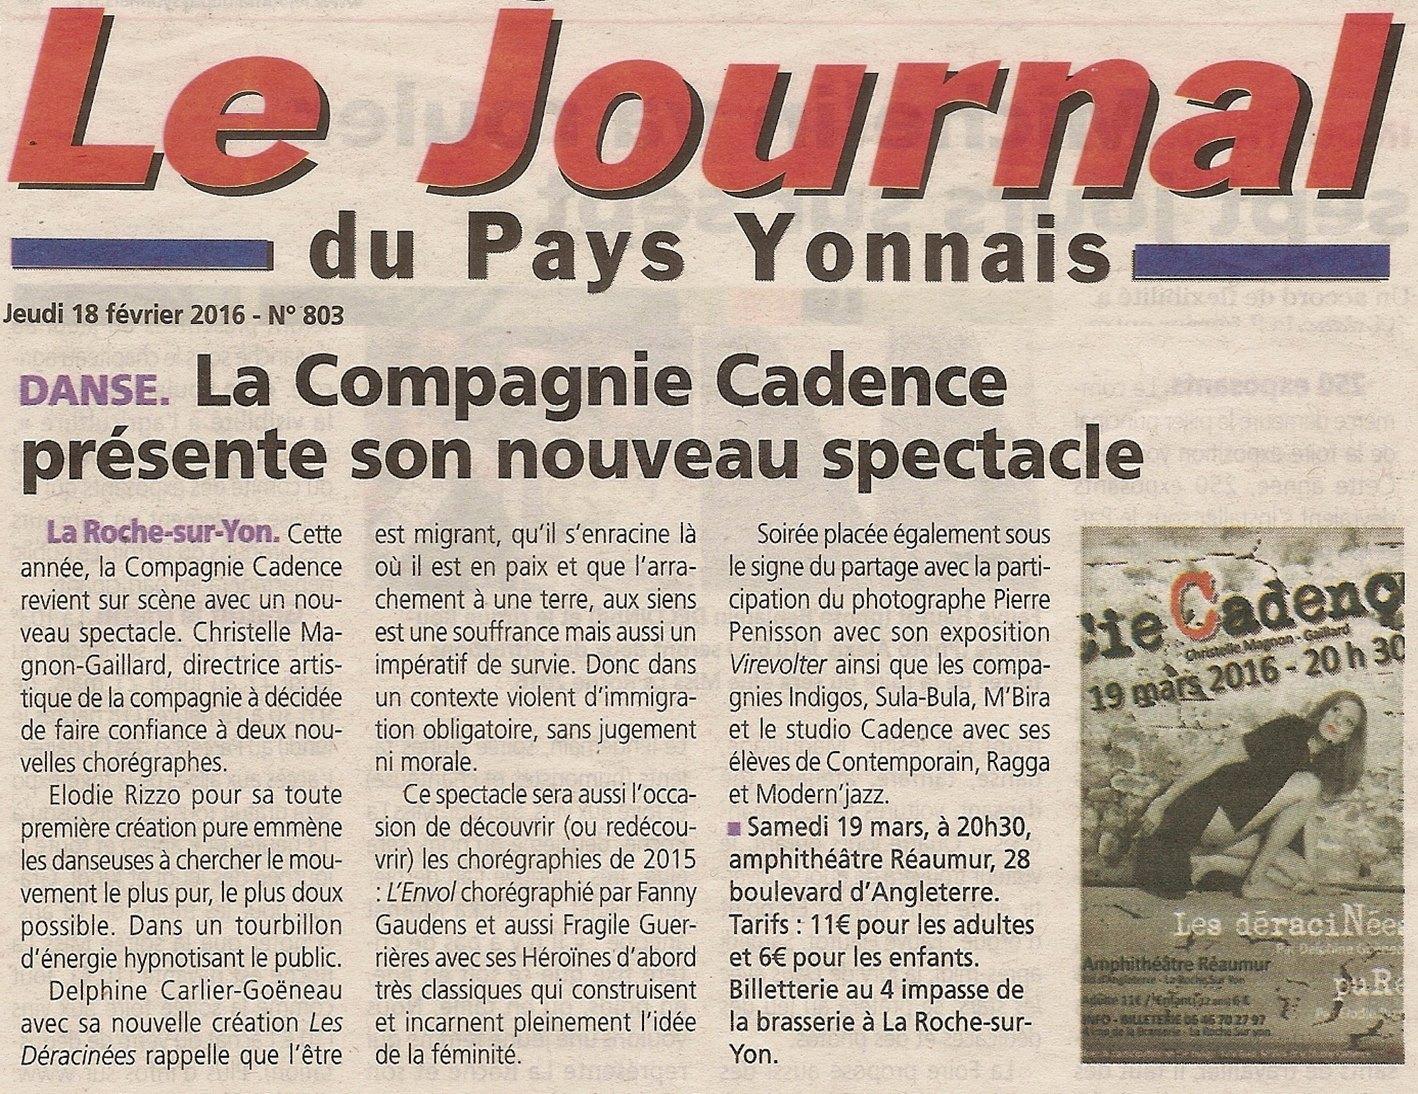 Journal Pays Yonnais Cie Cadence